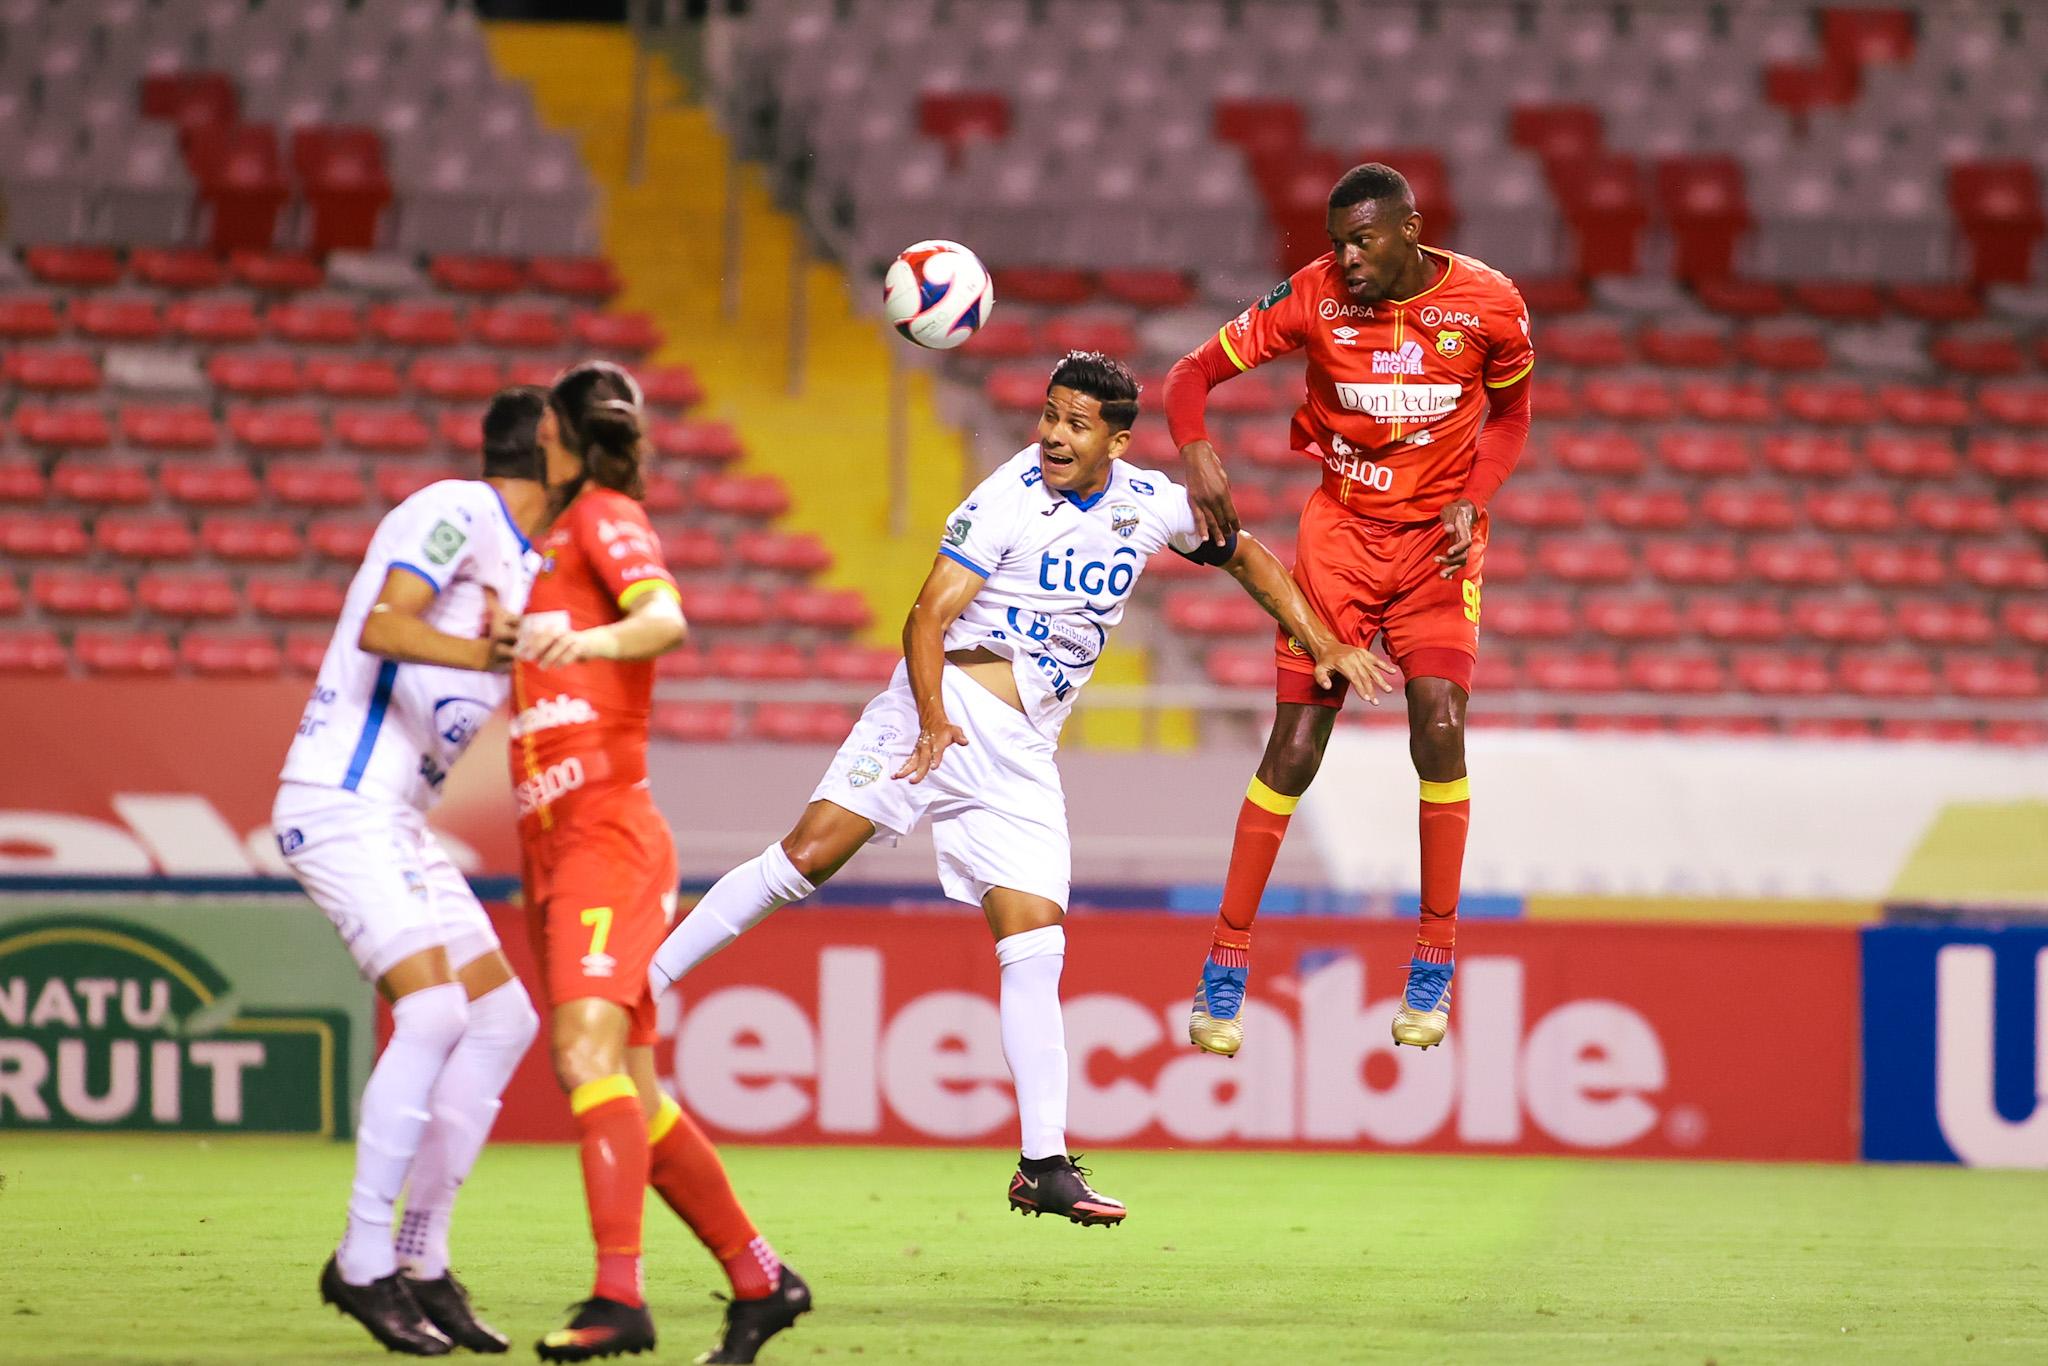 Jicaral luchó hasta la última jugada y rescató un punto del Estadio Nacional aprovechando un exceso de confianza del Herediano.